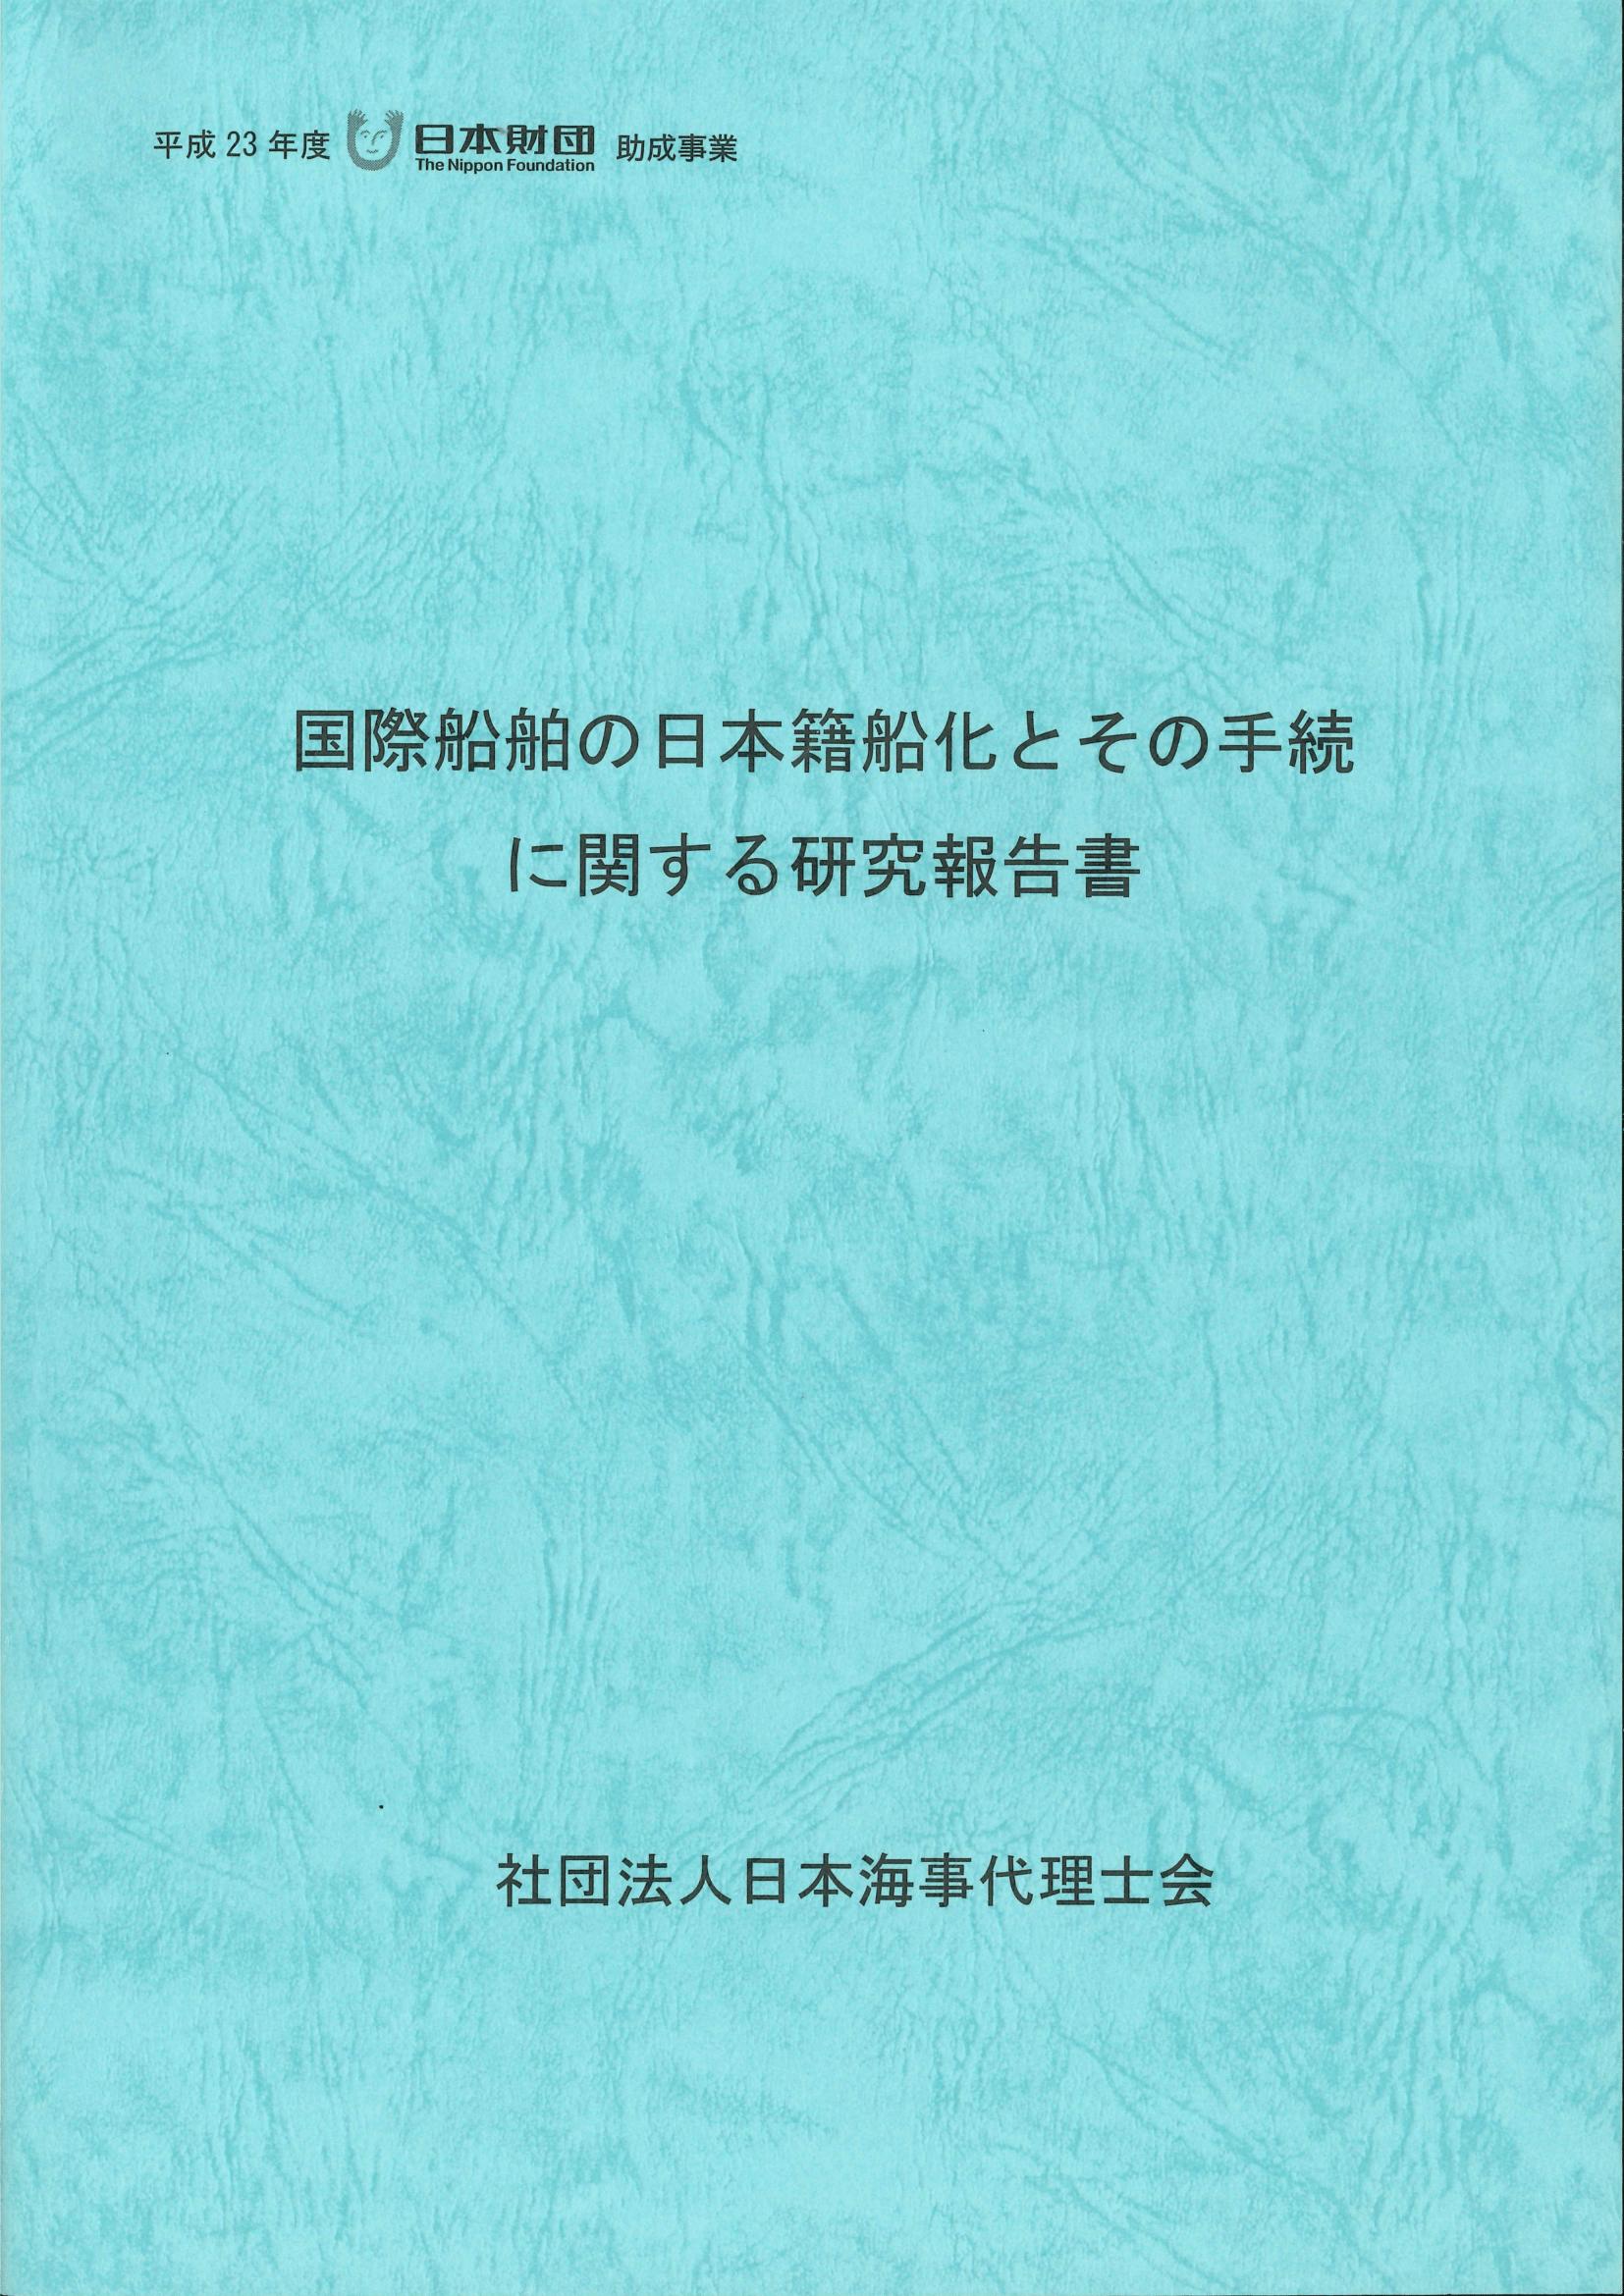 国際船舶の日本籍船化とその手続きに関する研究報告書(平成24年3月発行)